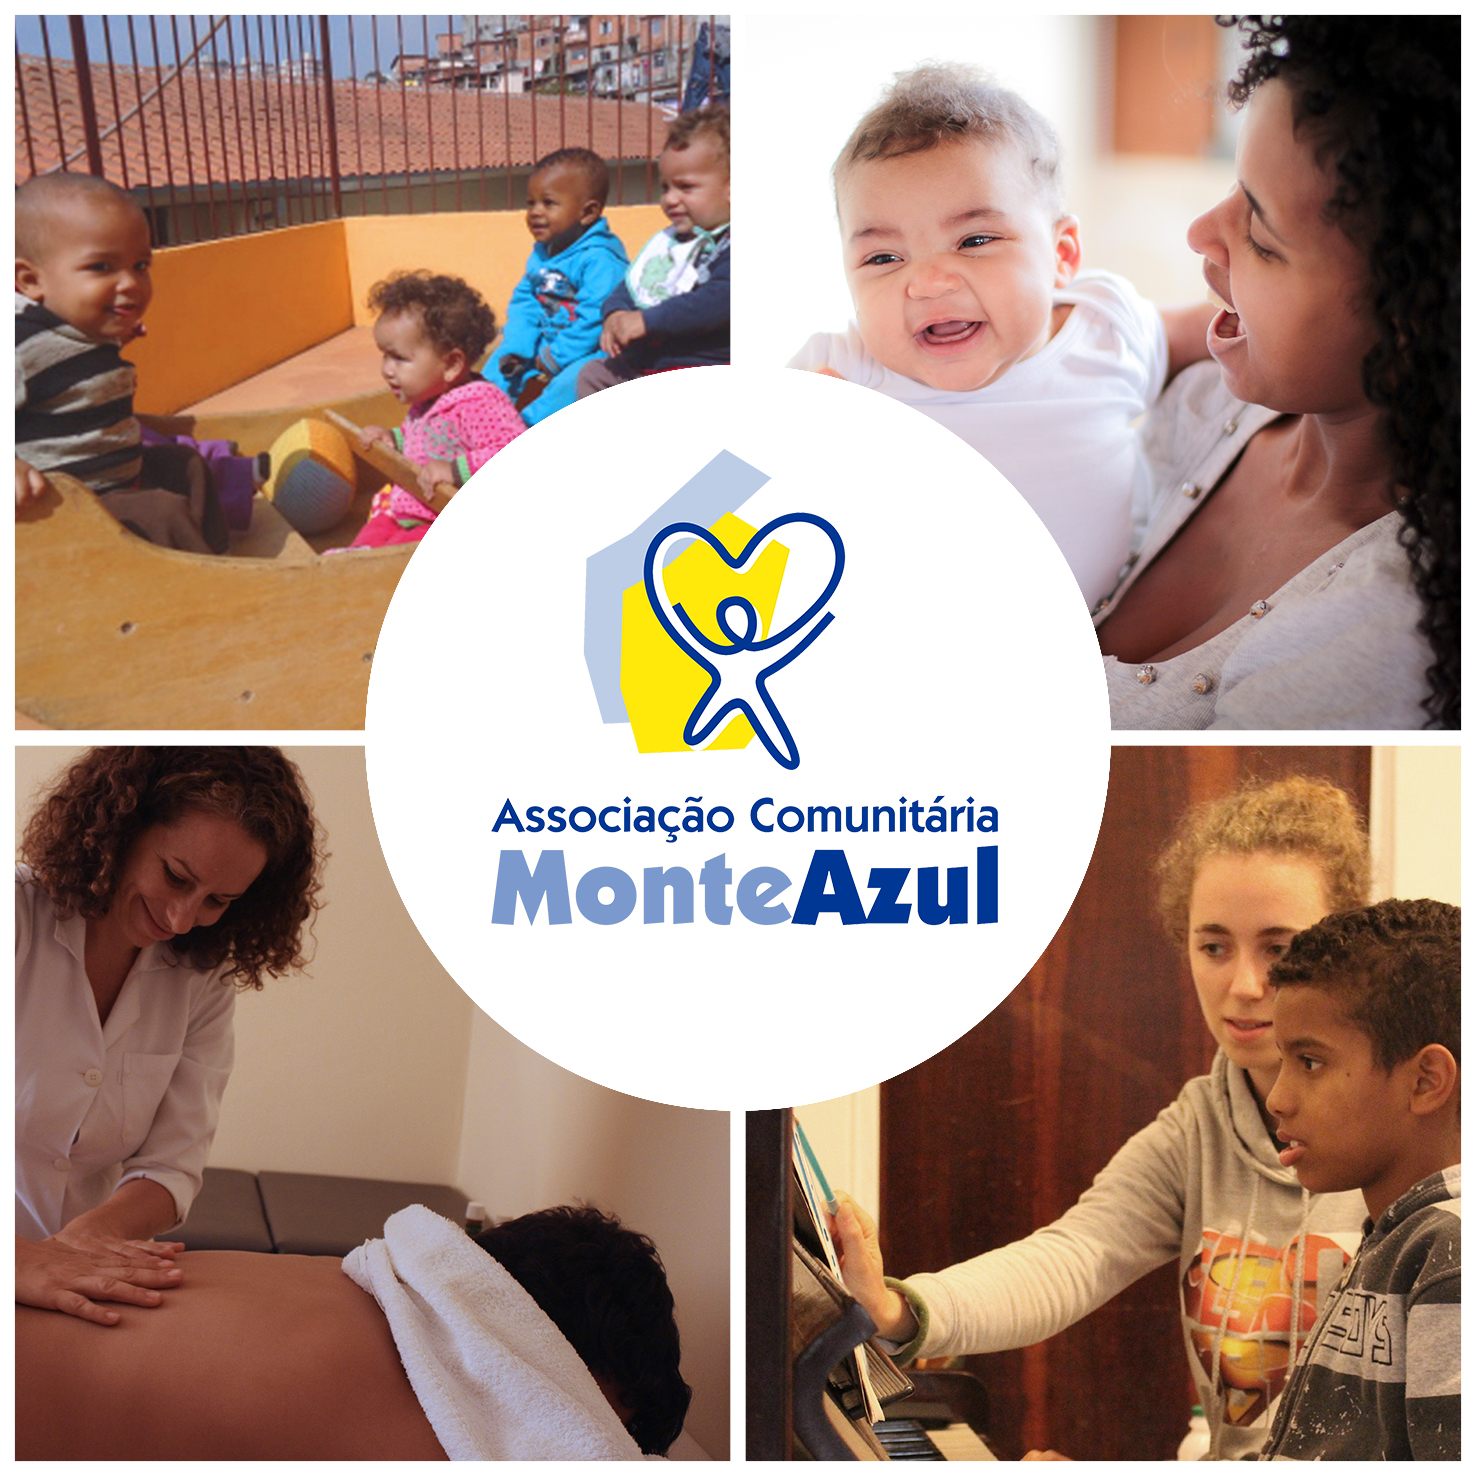 Associação Comunitária Monte Azul